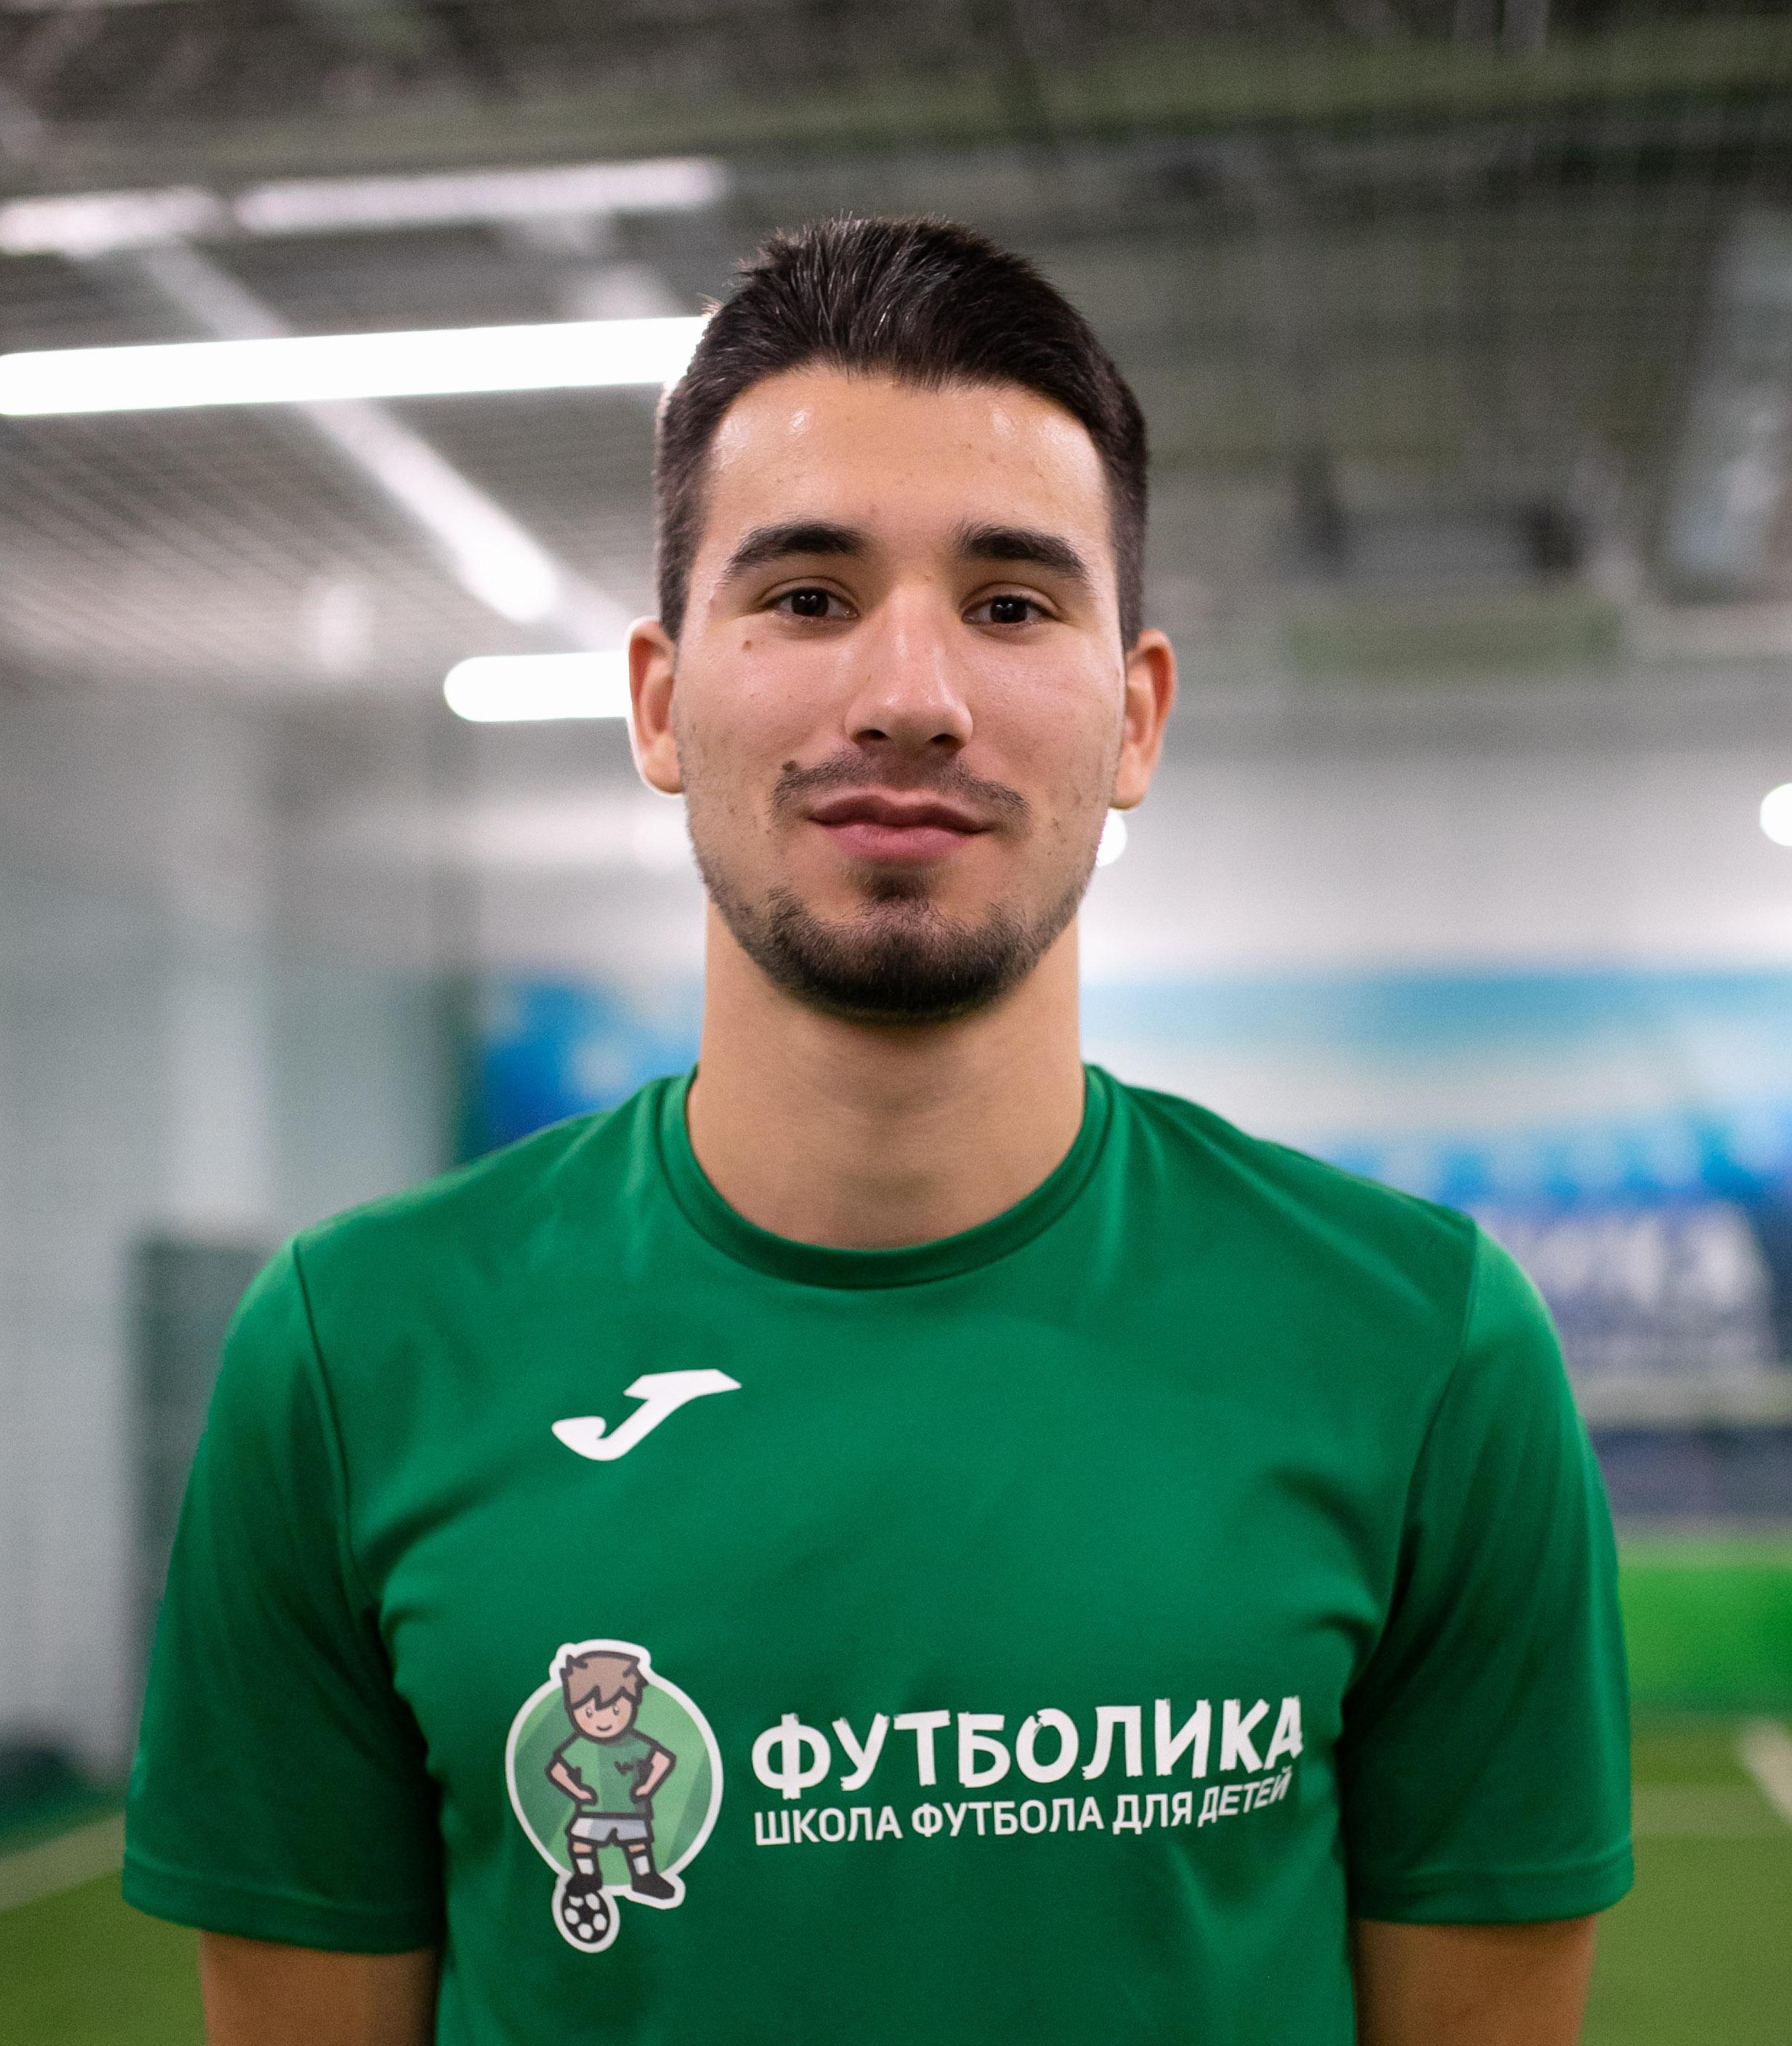 тренер футболики Филимонов Андрей